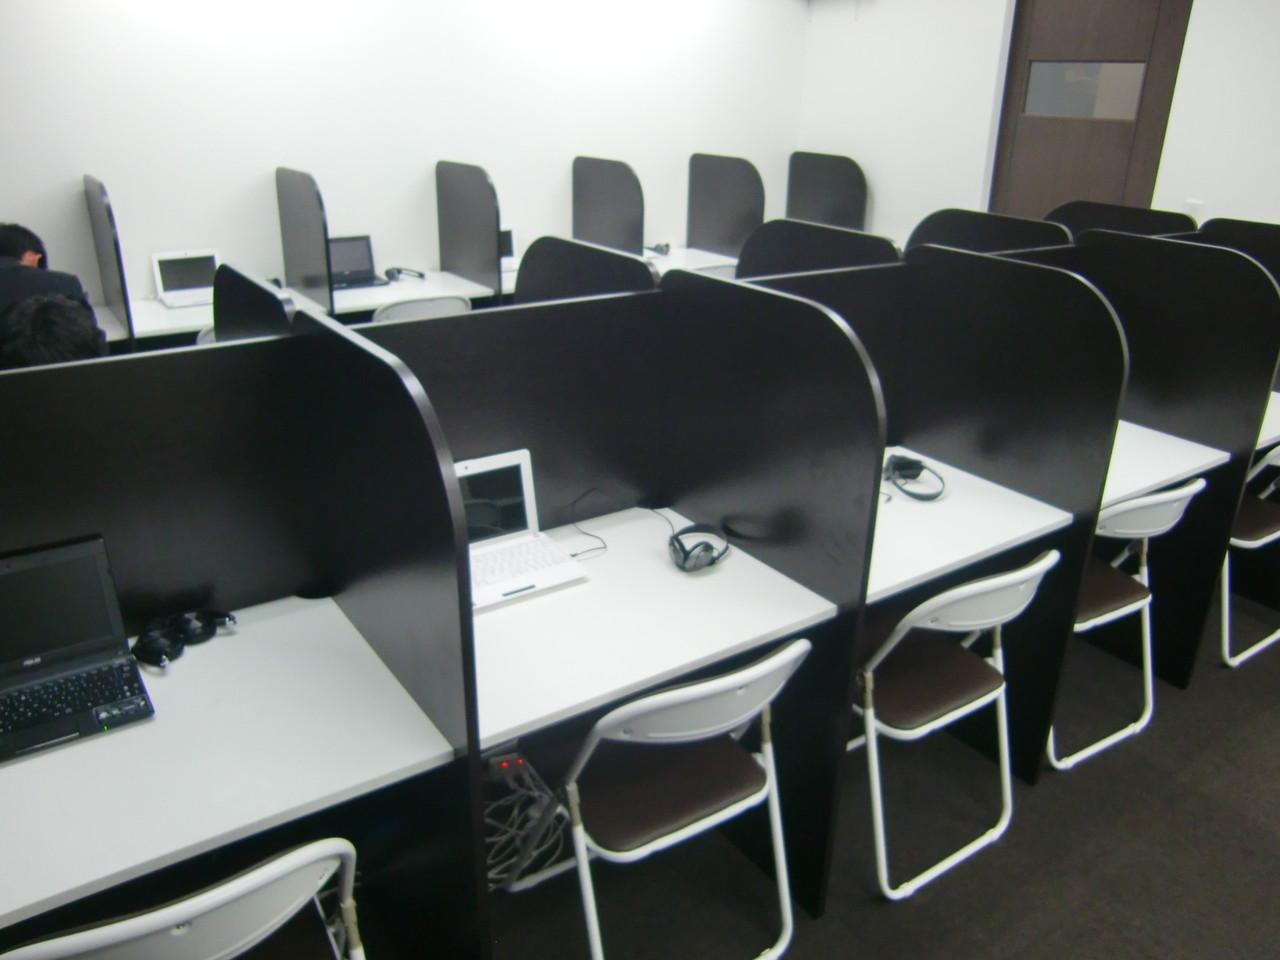 最新のWEB授業教室は、間仕切りがあるので、一人ひとりが集中しやすい環境が整ってます!